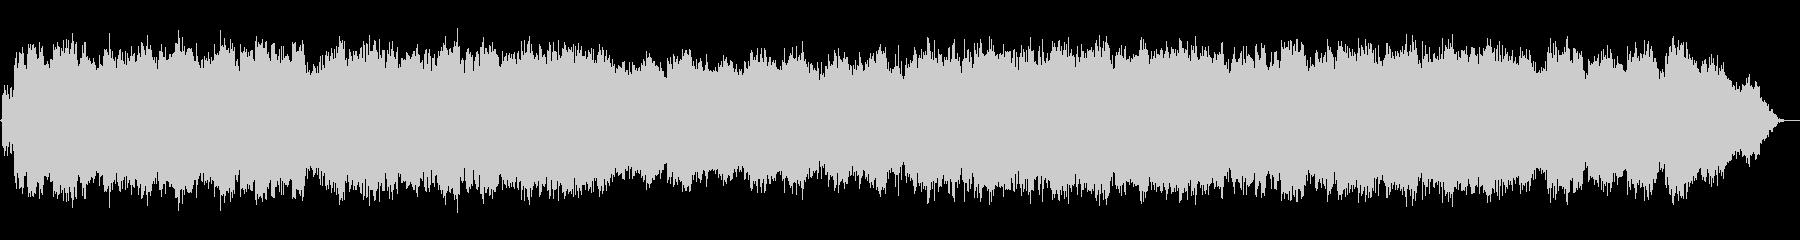 優しい低音の笛のヒーリング音楽の未再生の波形